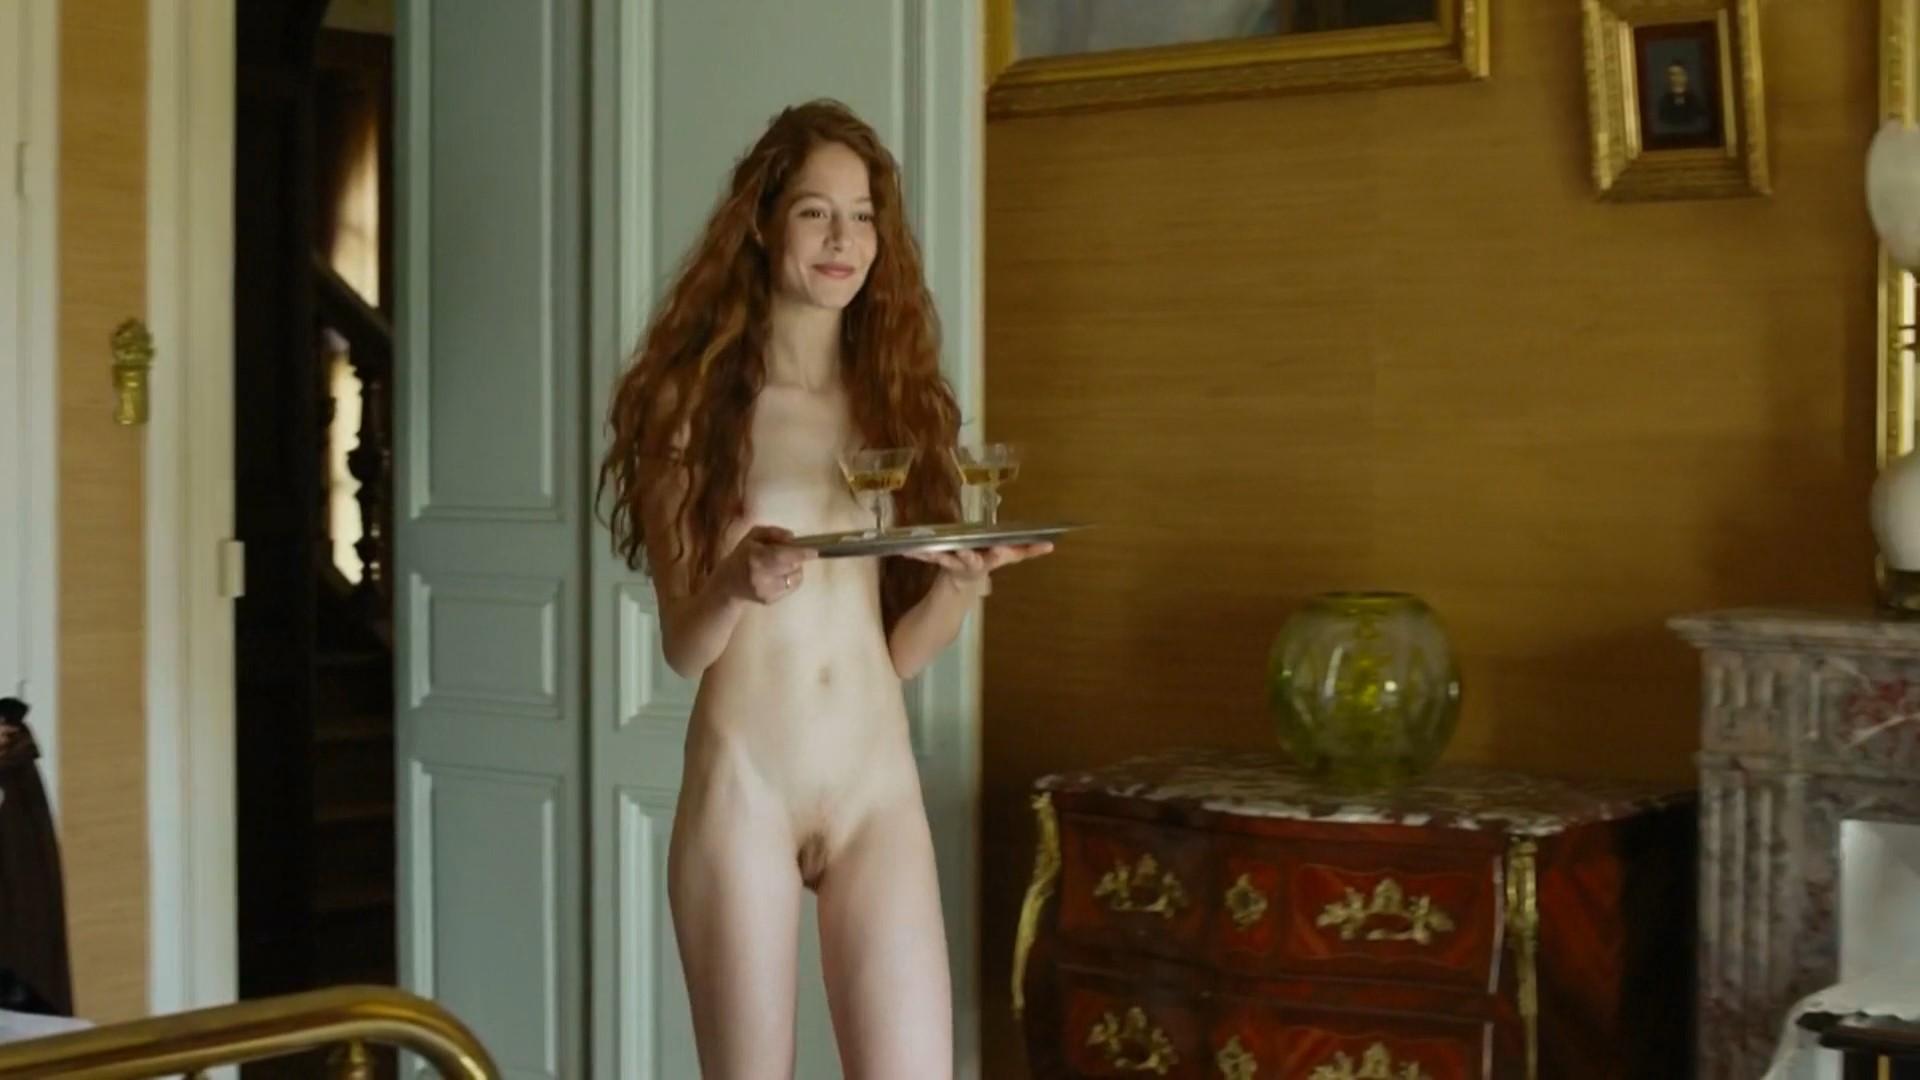 Tory evans nude